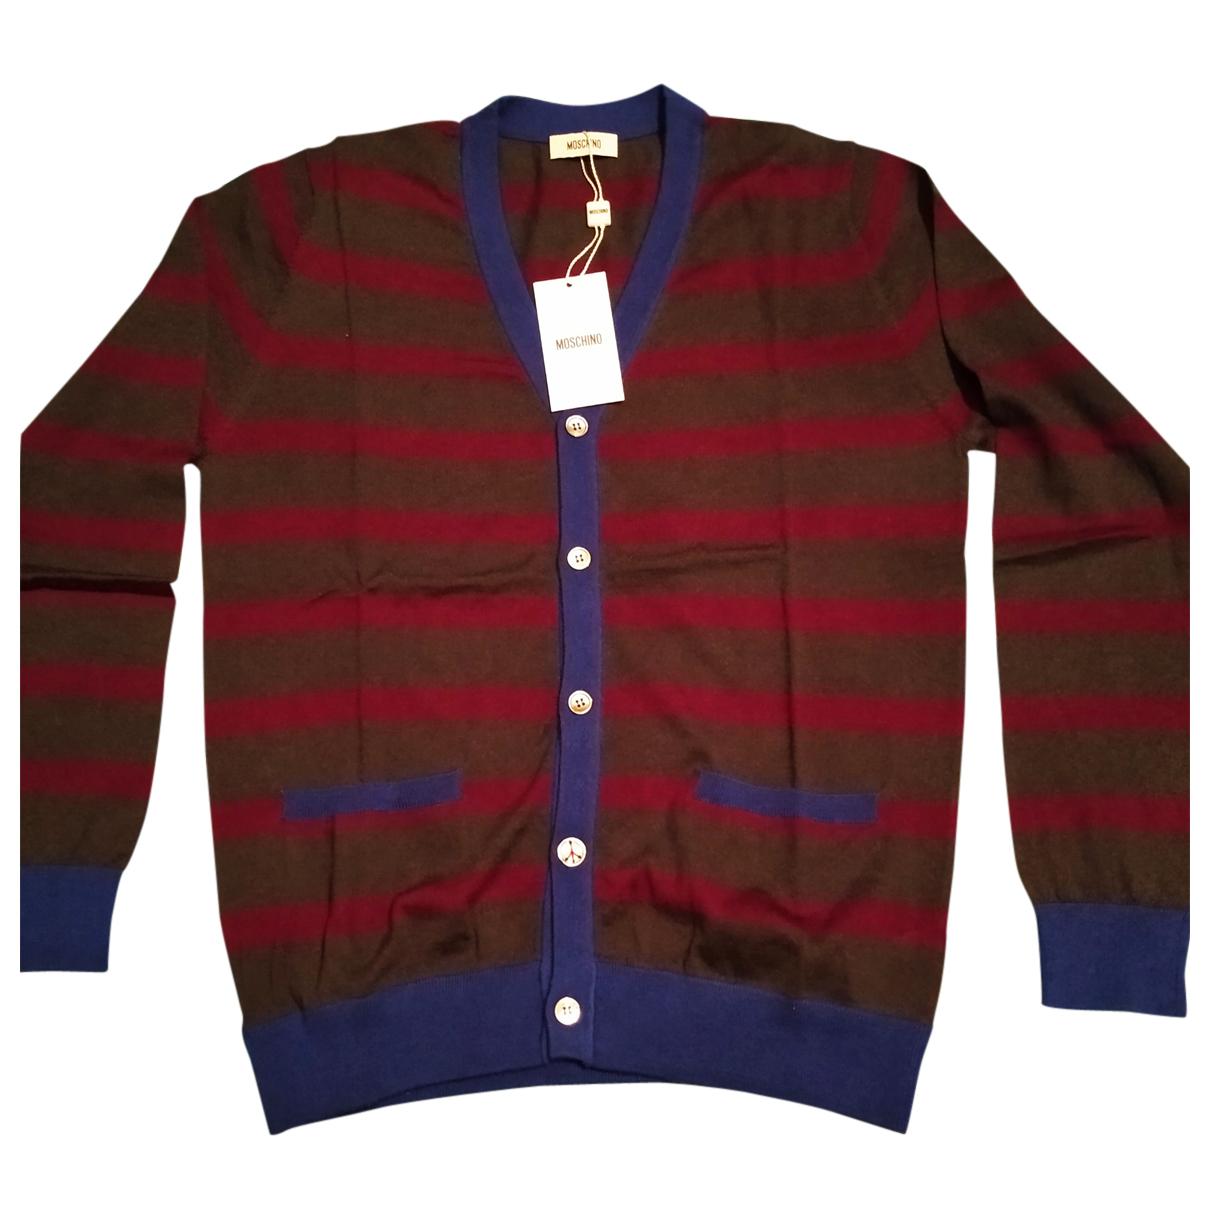 Moschino N Wool Knitwear & Sweatshirts for Men 48 IT